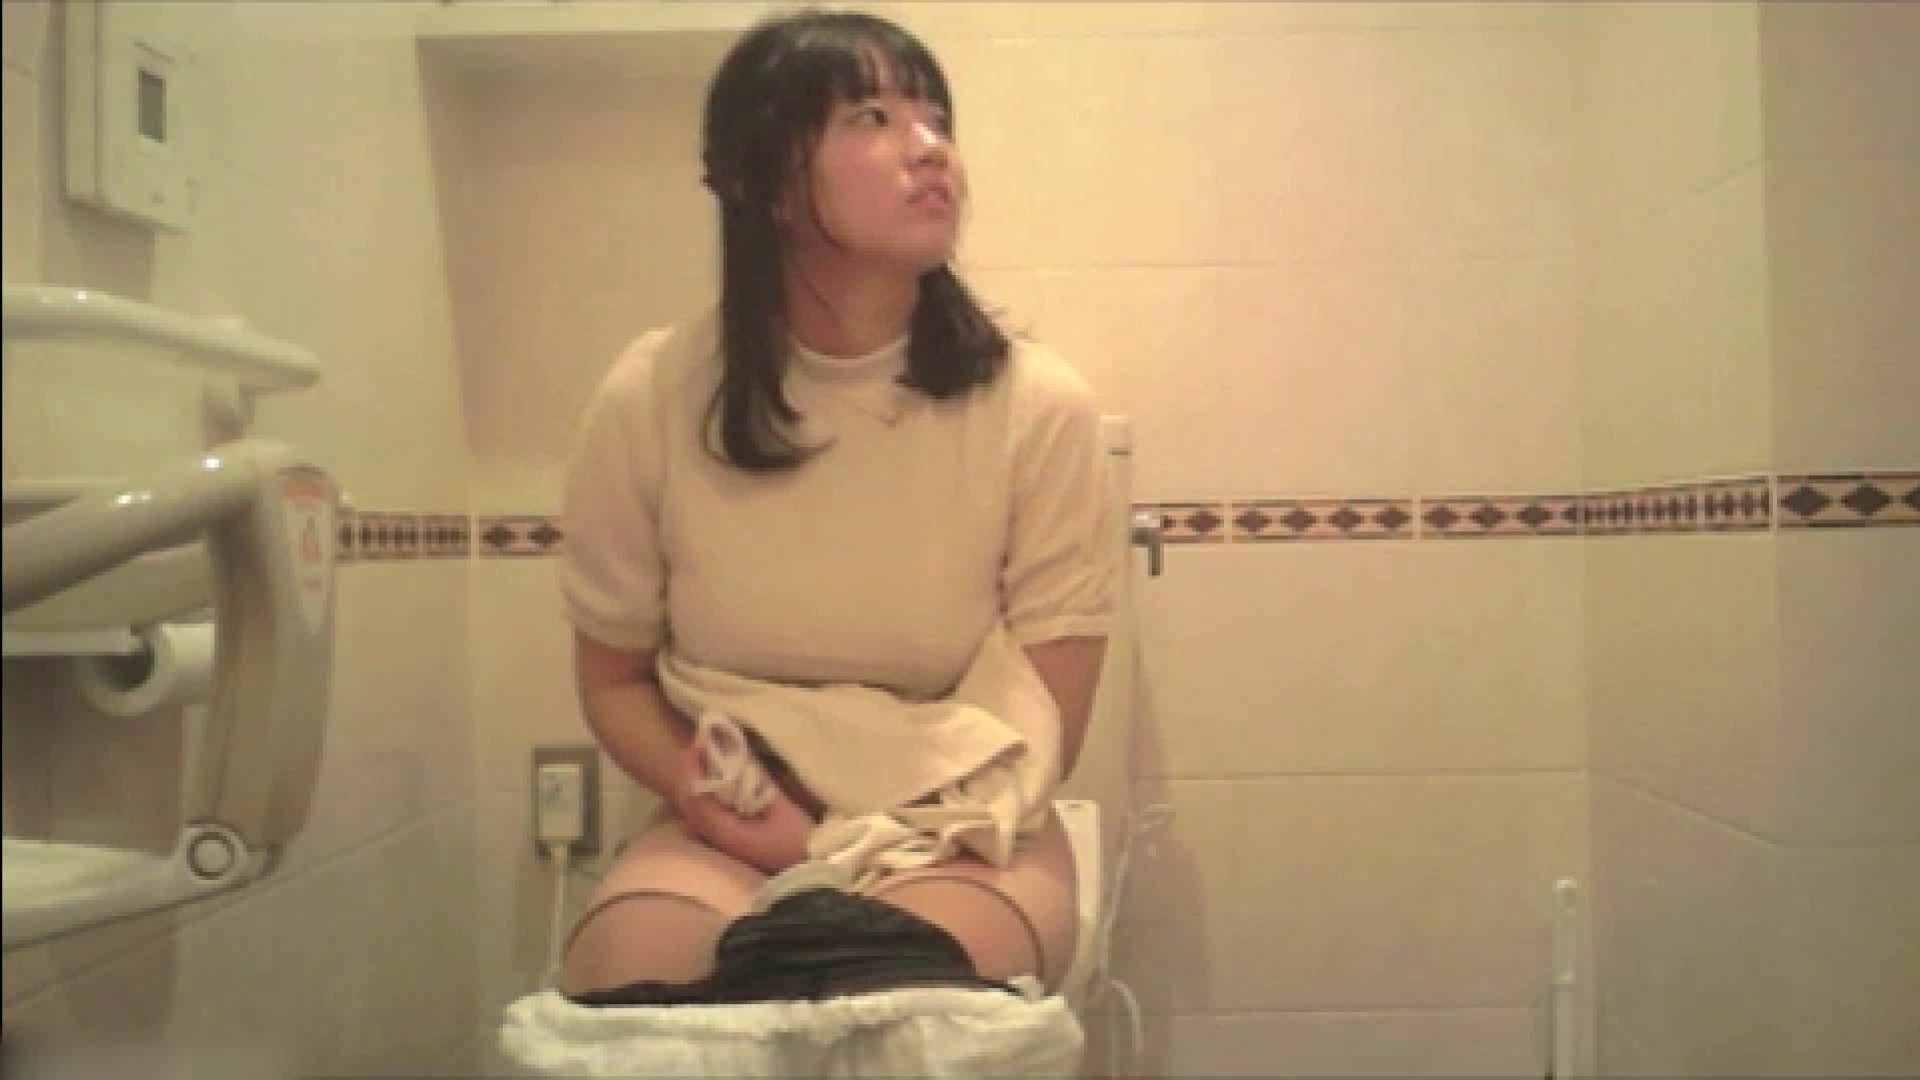 実録!!綺麗なお姉さんのトイレ事情・・・。vol.18 OL  68枚 11